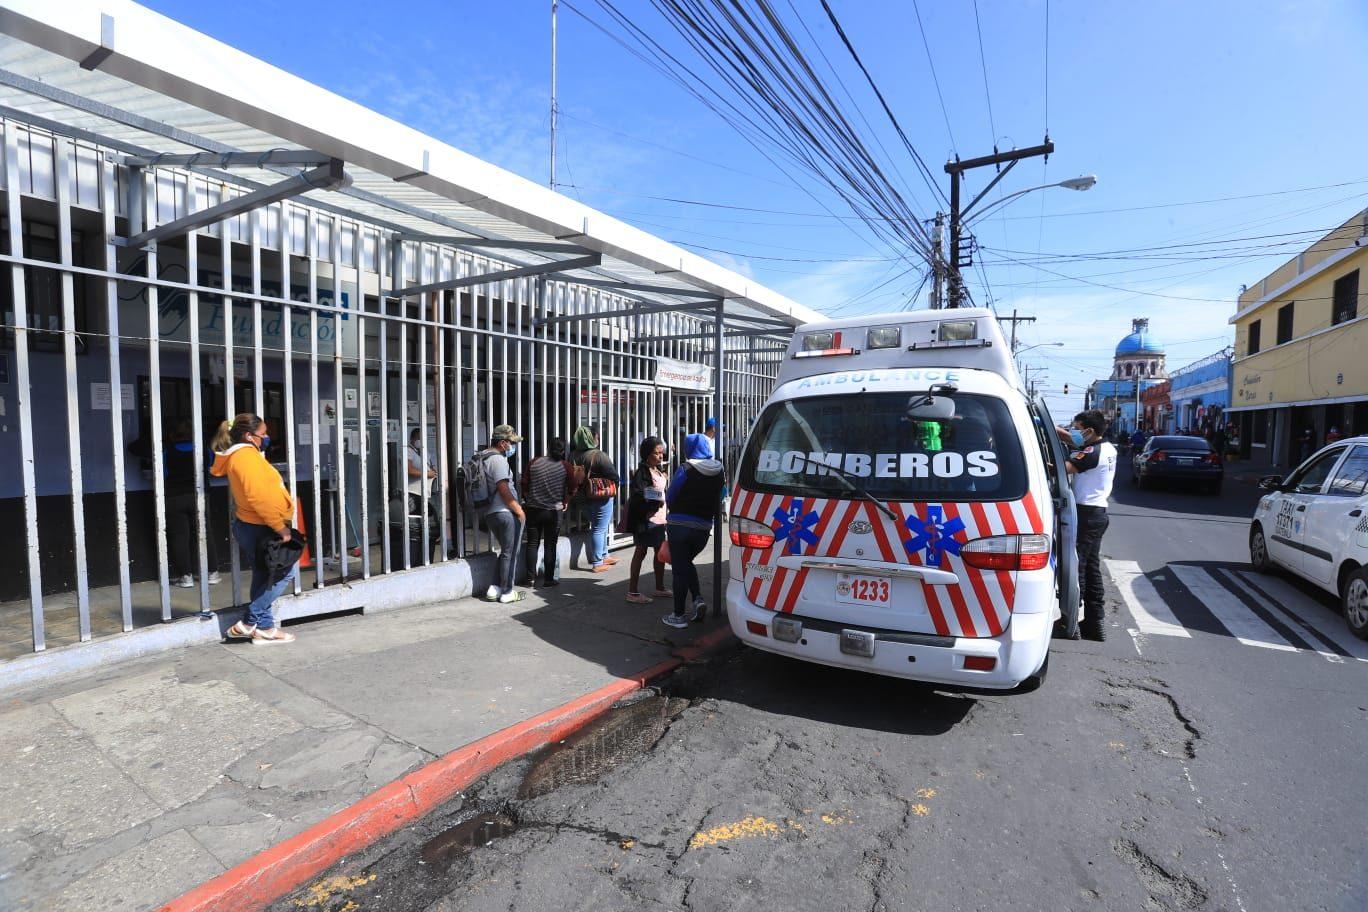 La situación de los hospitales ante la alta ocupación del covid-19 - Prensa Libre